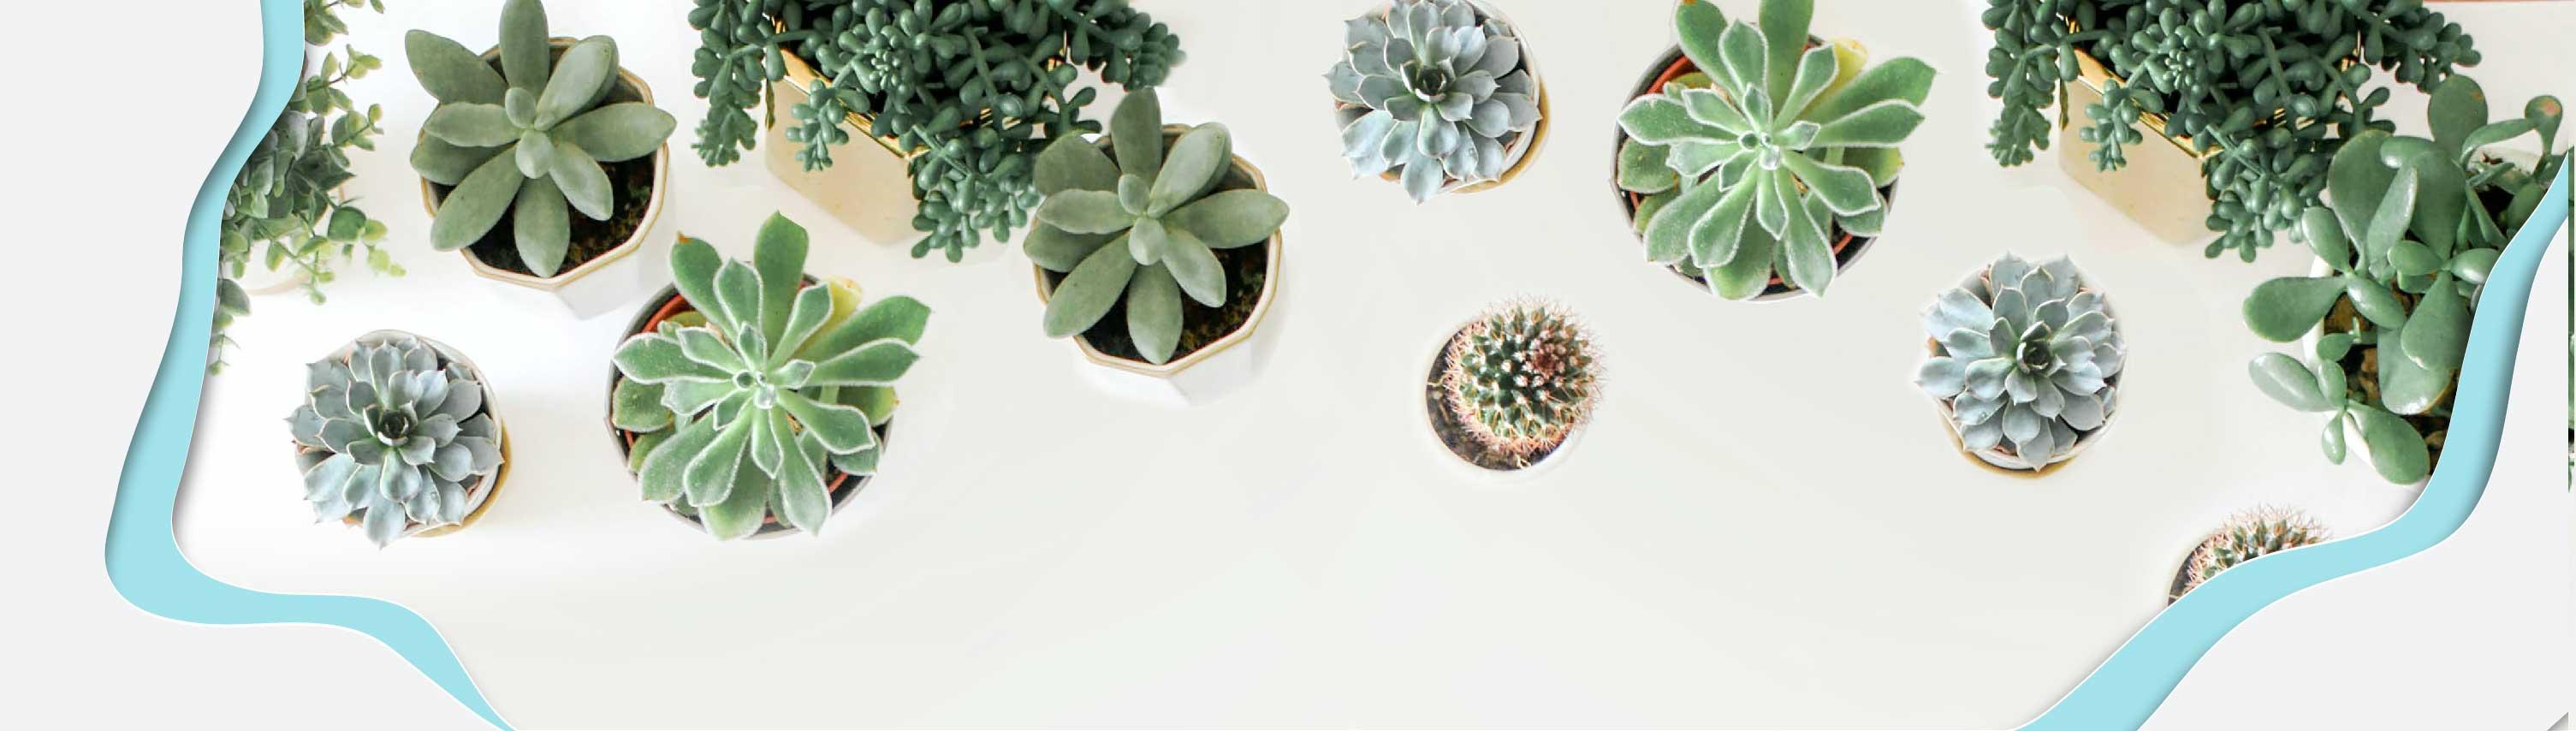 goodies végétal - cadeau d'entreprise écologique